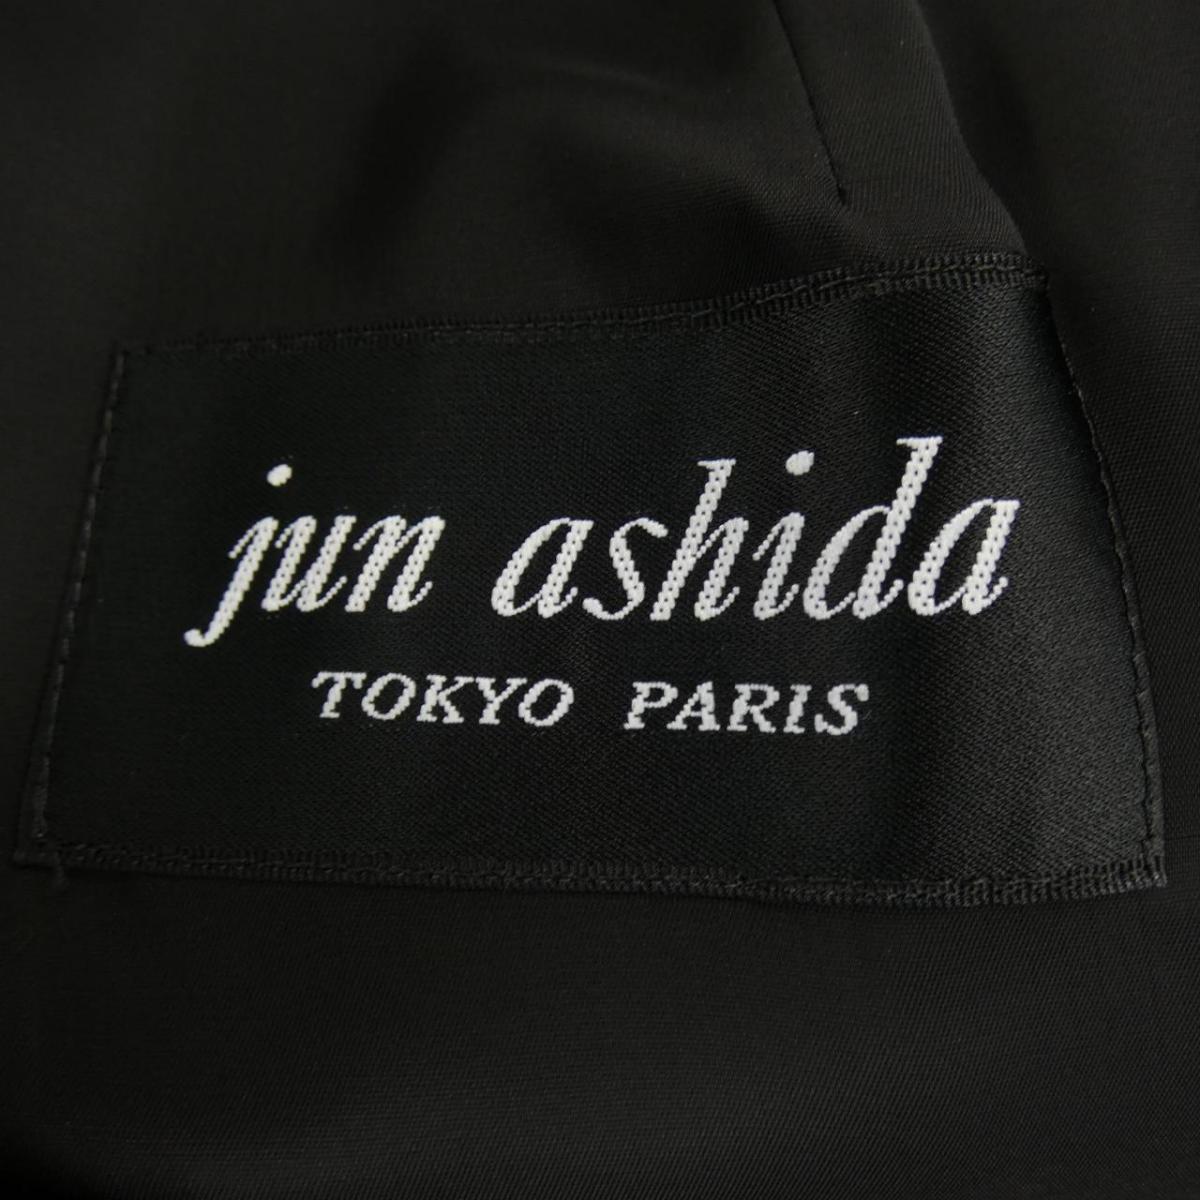 ジュンアシダ JUN ASHIDA スカートKcTlJ5F3u1